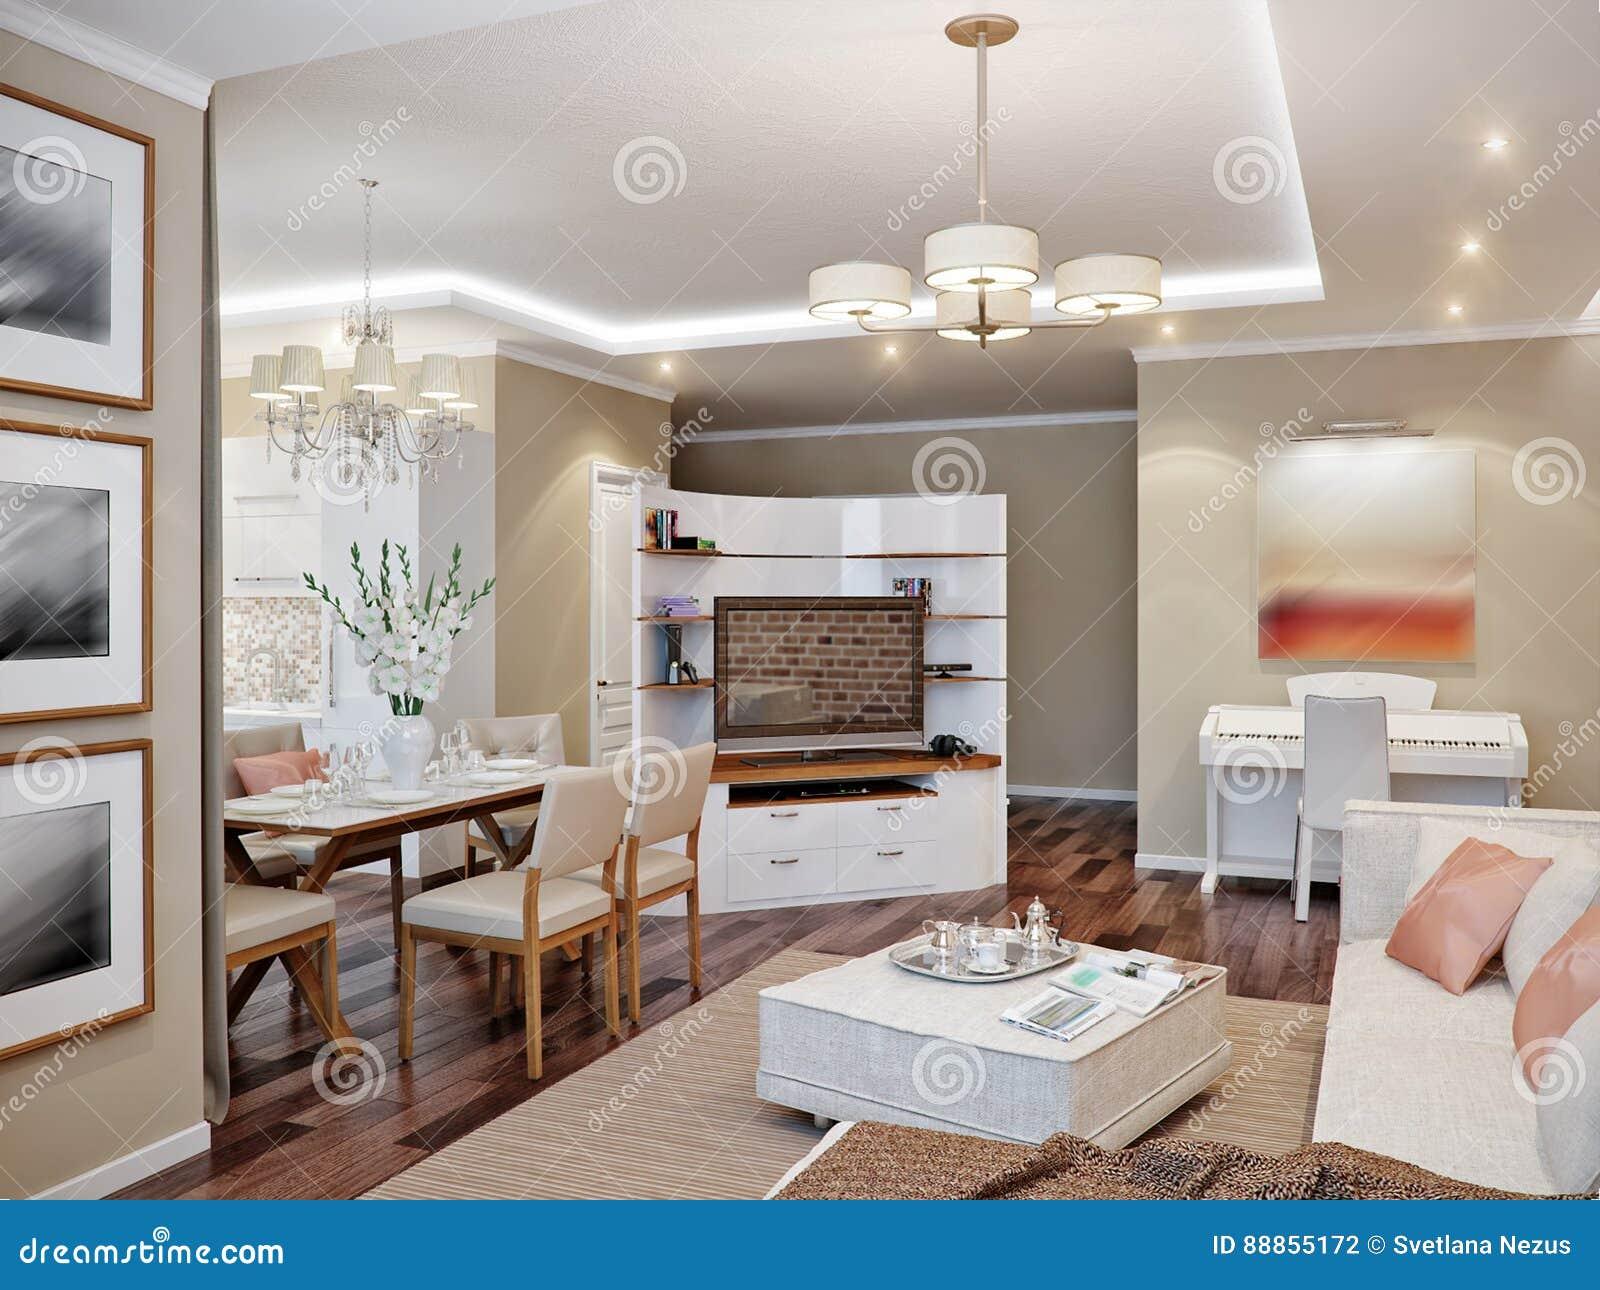 Modernes Wohnzimmer, Küche Und Esszimmer Stock Abbildung ...